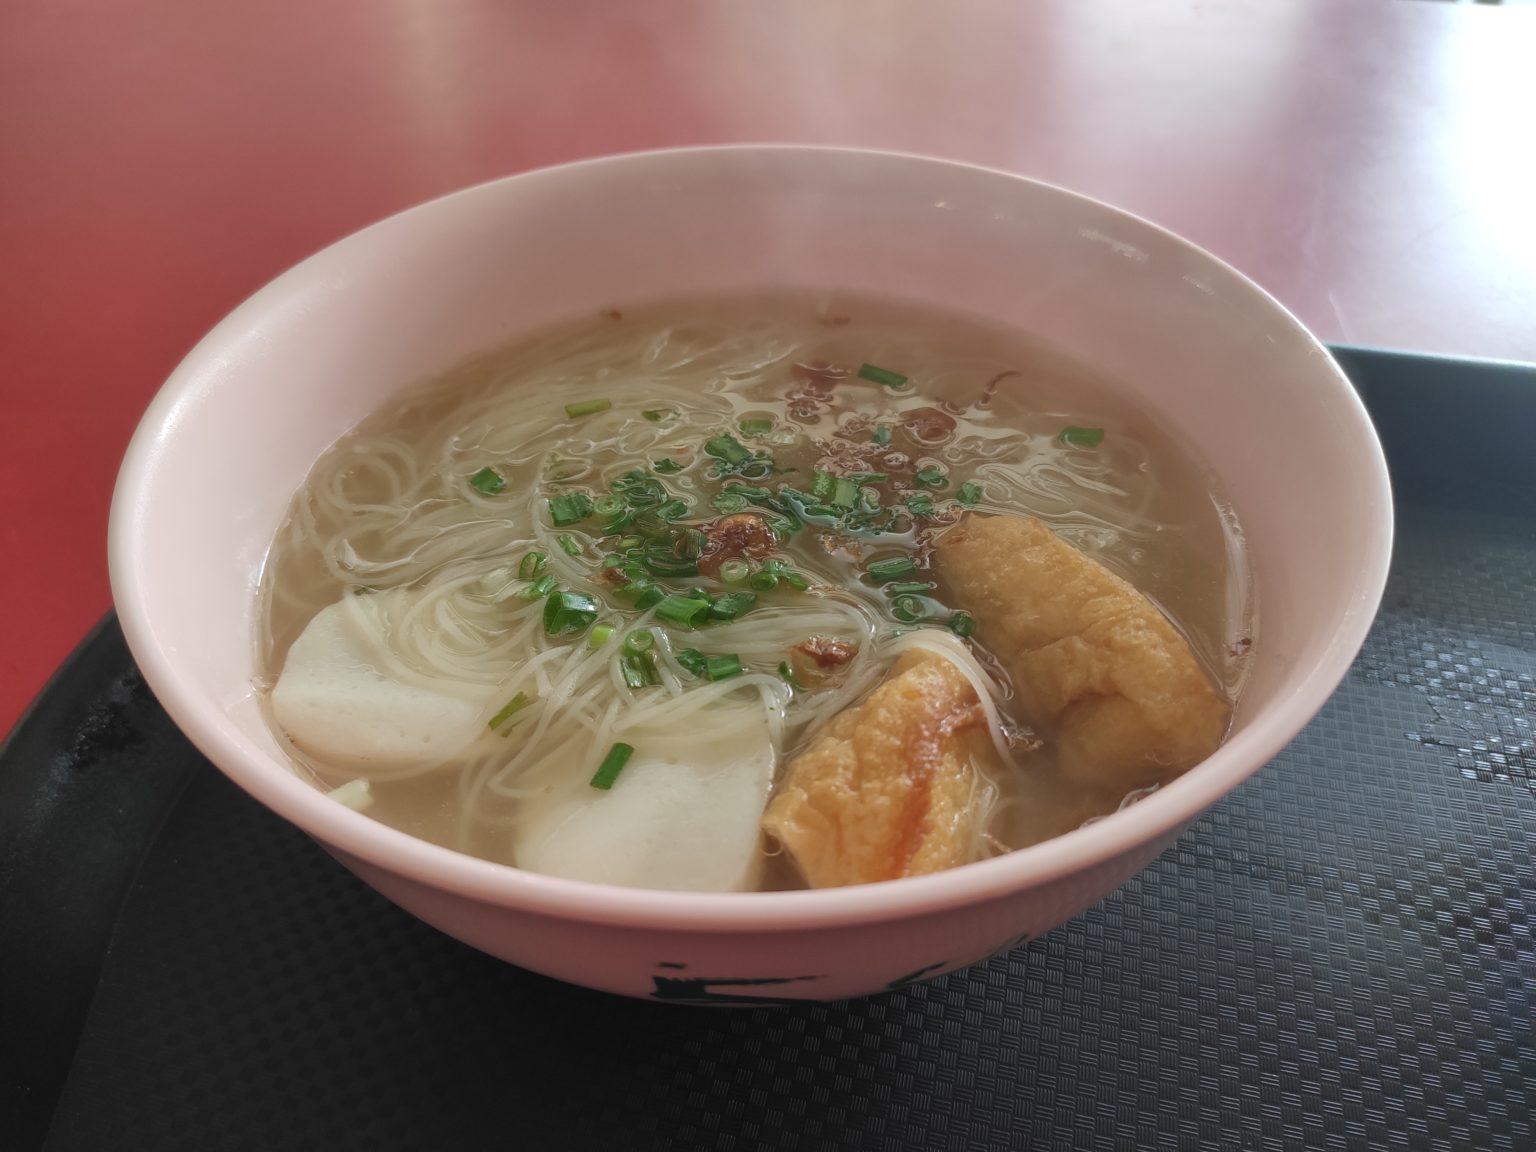 Review: Tasty Soup Yong Tau Fu (Singapore)